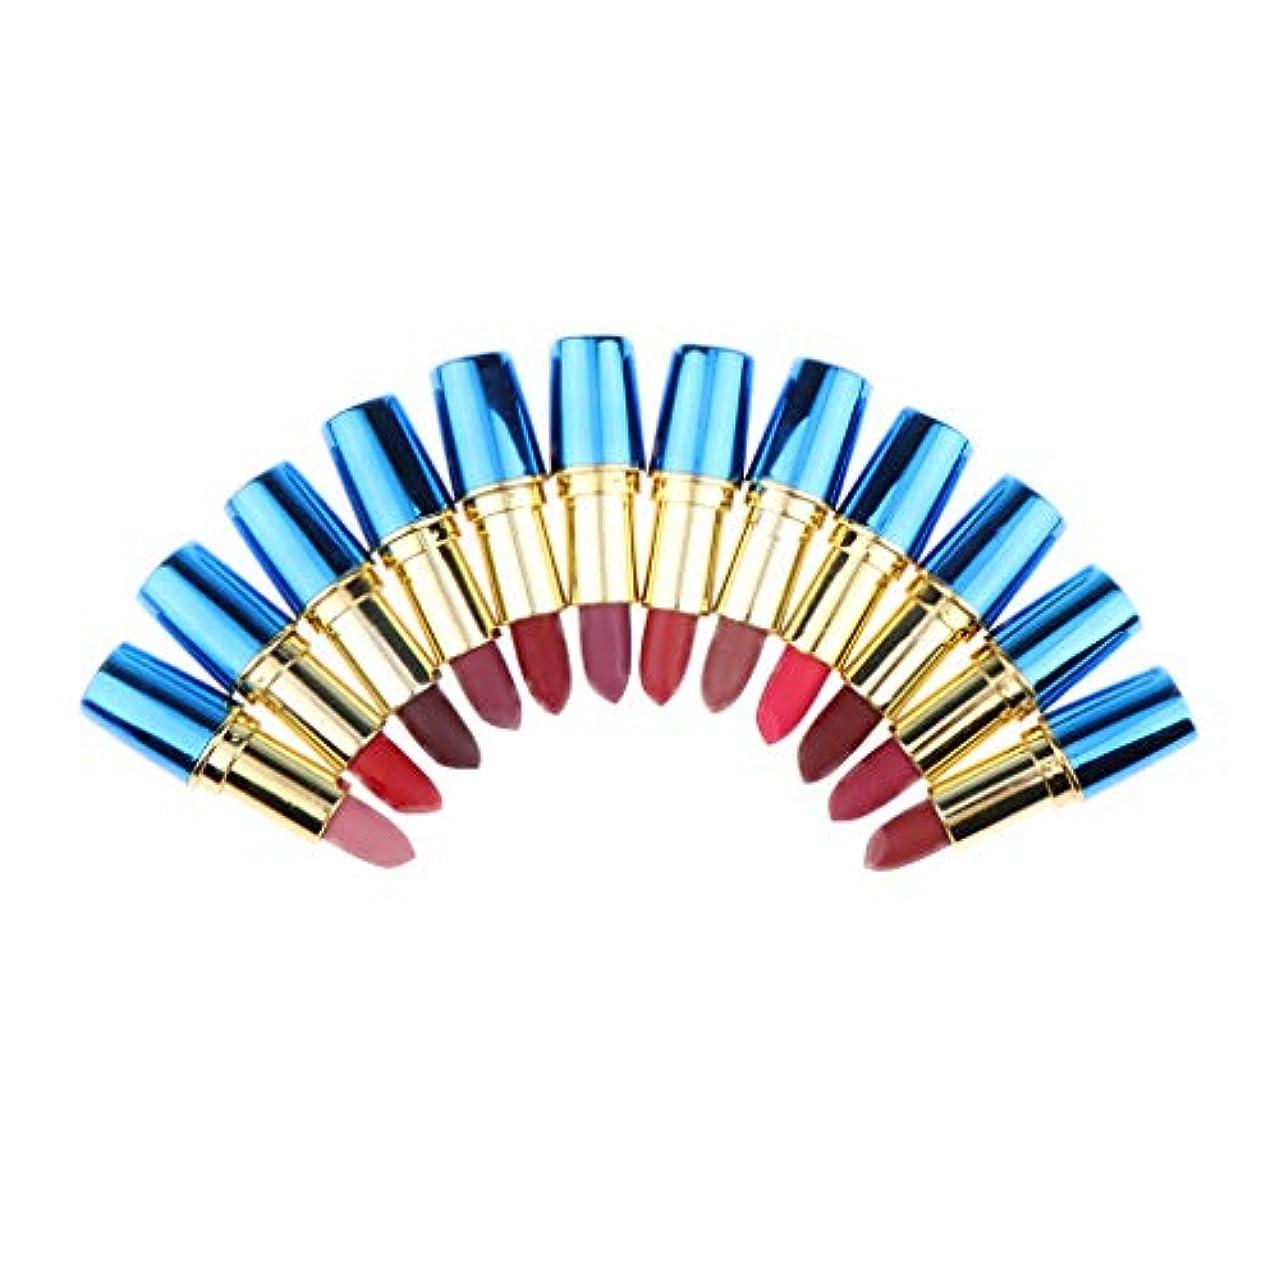 強盗細胞限られたSM SunniMix マットリップスティックセット 口紅 唇メイク 12色 交換部品